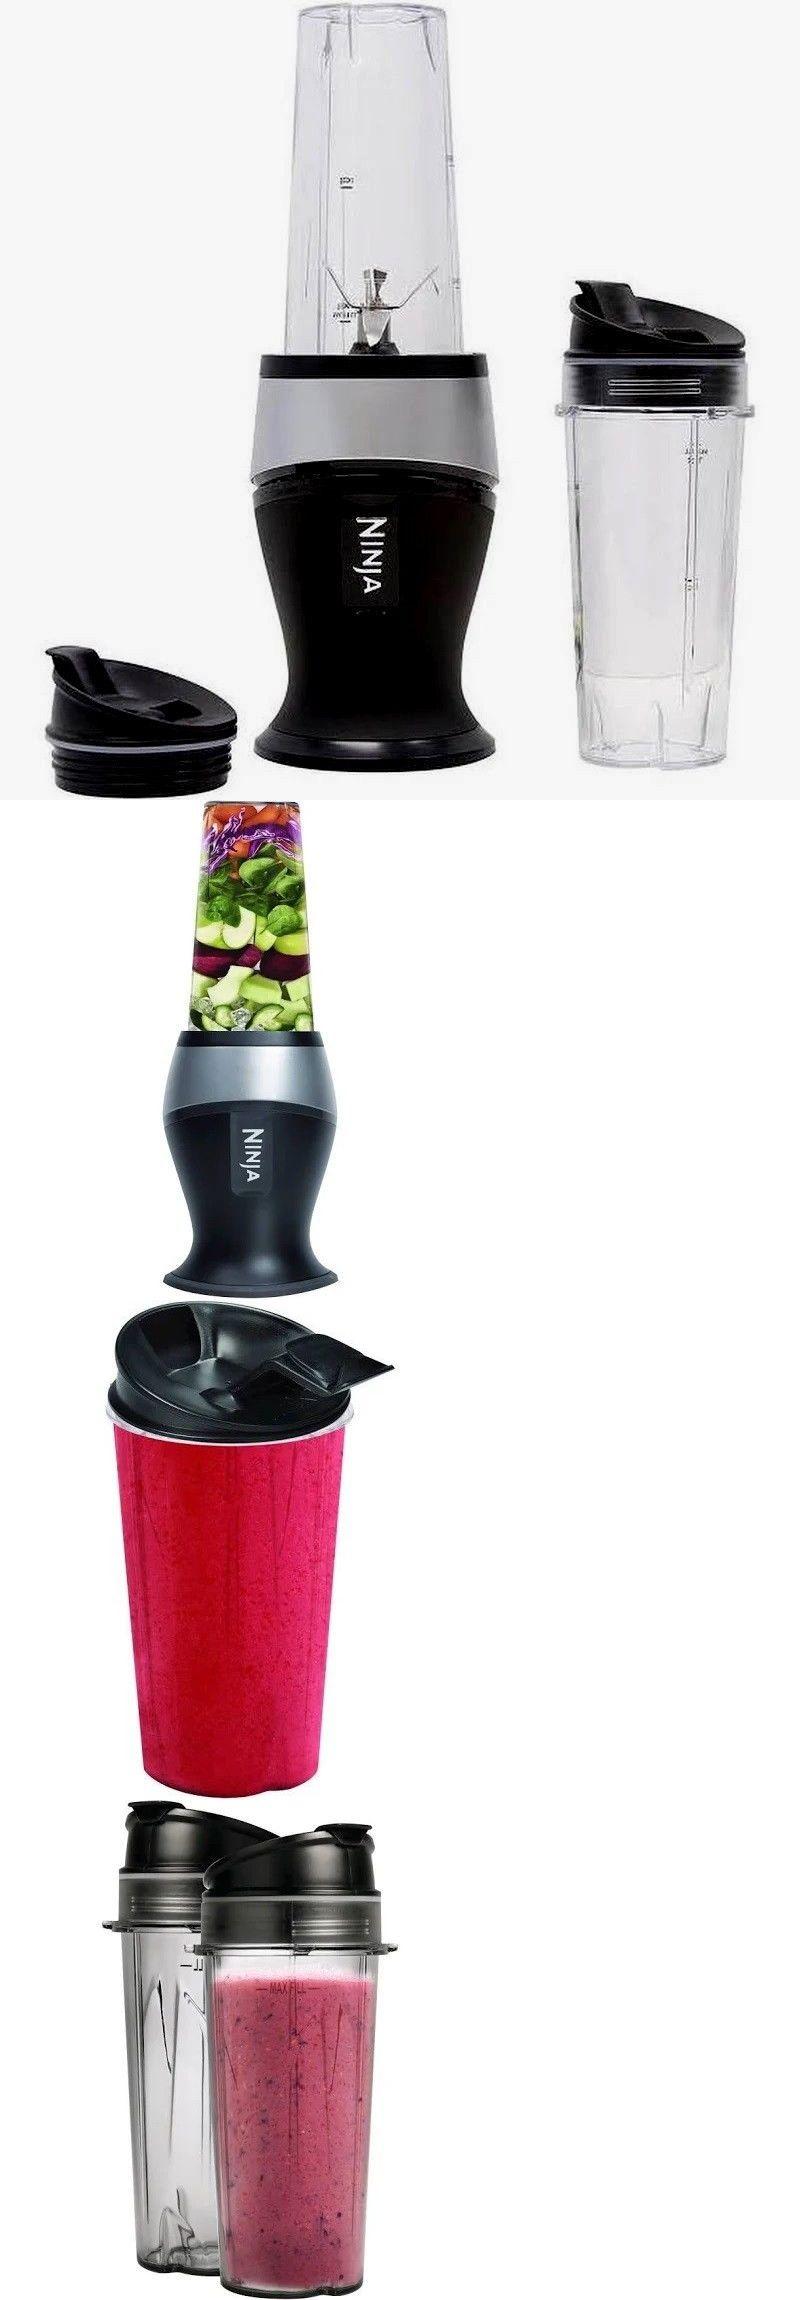 ninja fit single serve blender - qb3001ss